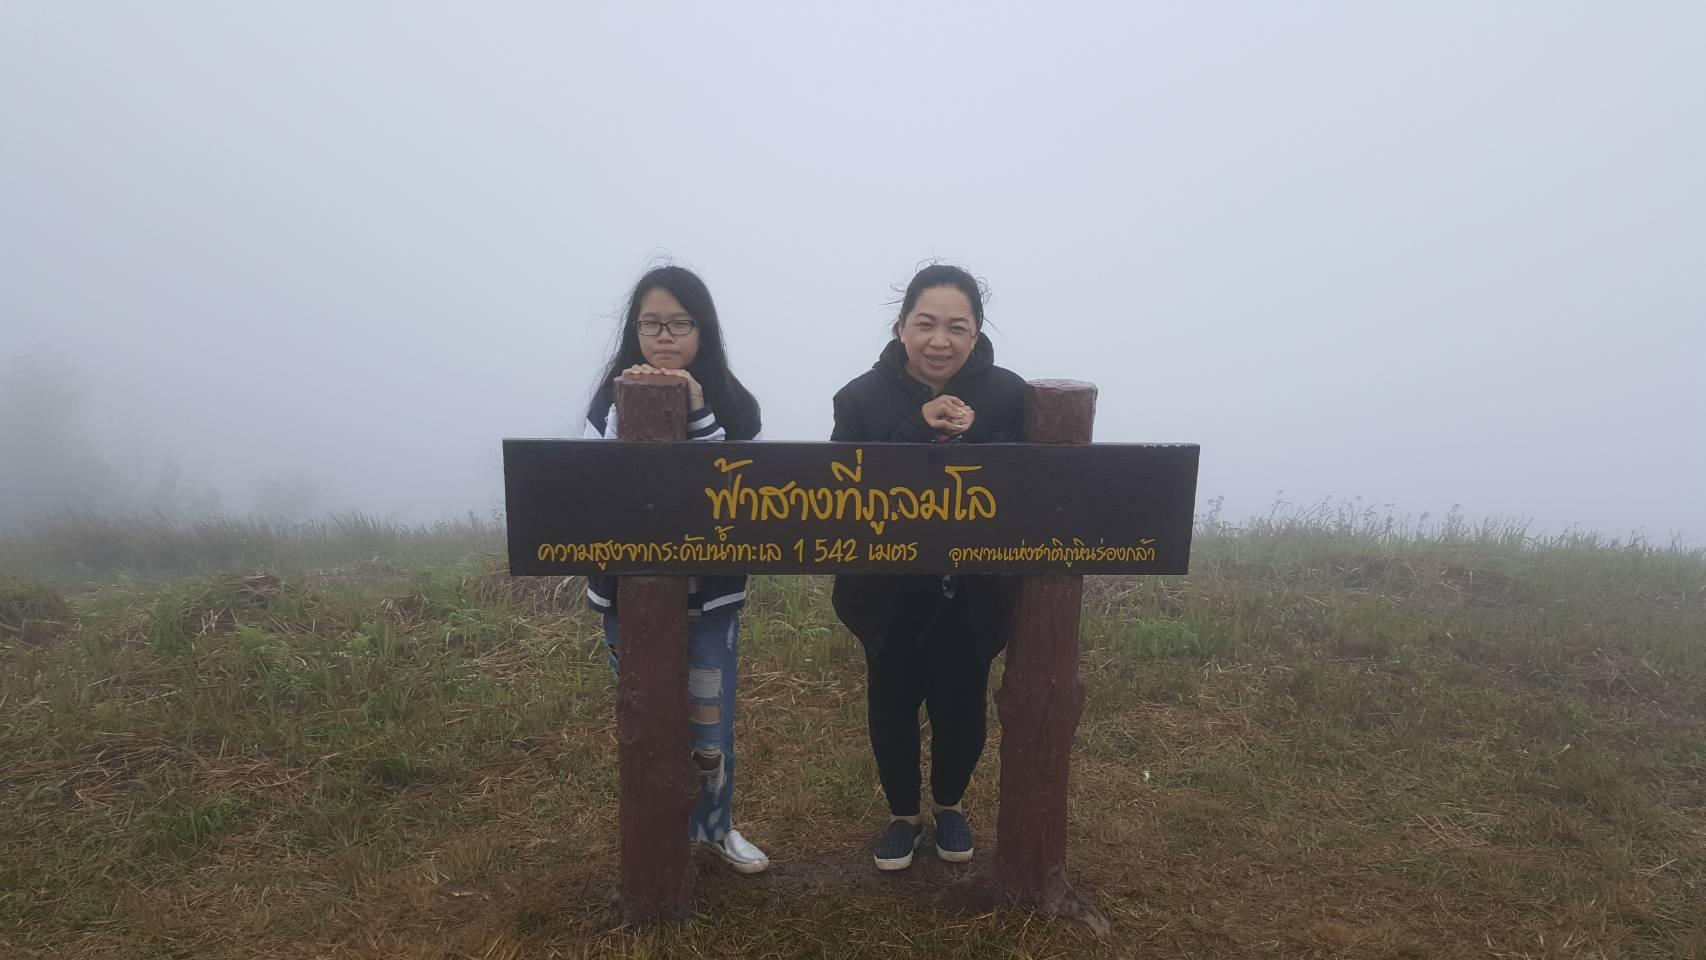 ภูลมโลภูเขาสีชมพู